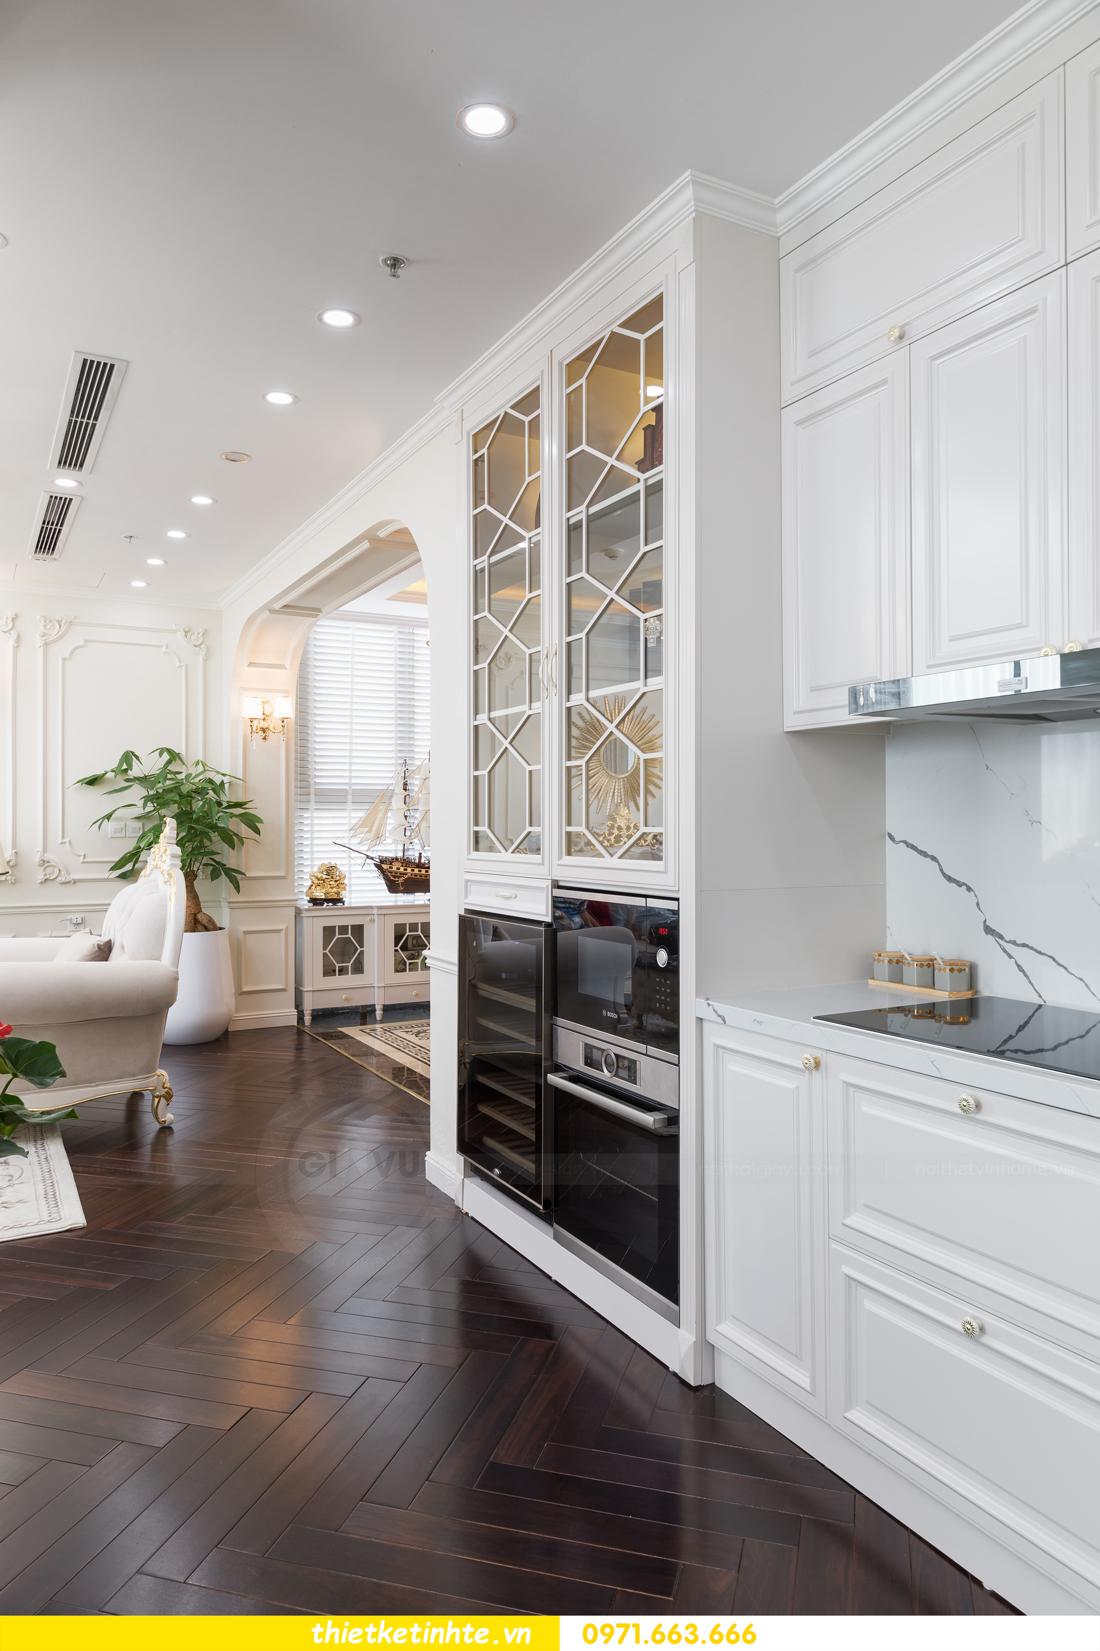 thi công hoàn thiện nội thất chung cư cao cấp Vinhomes Green Bay 09